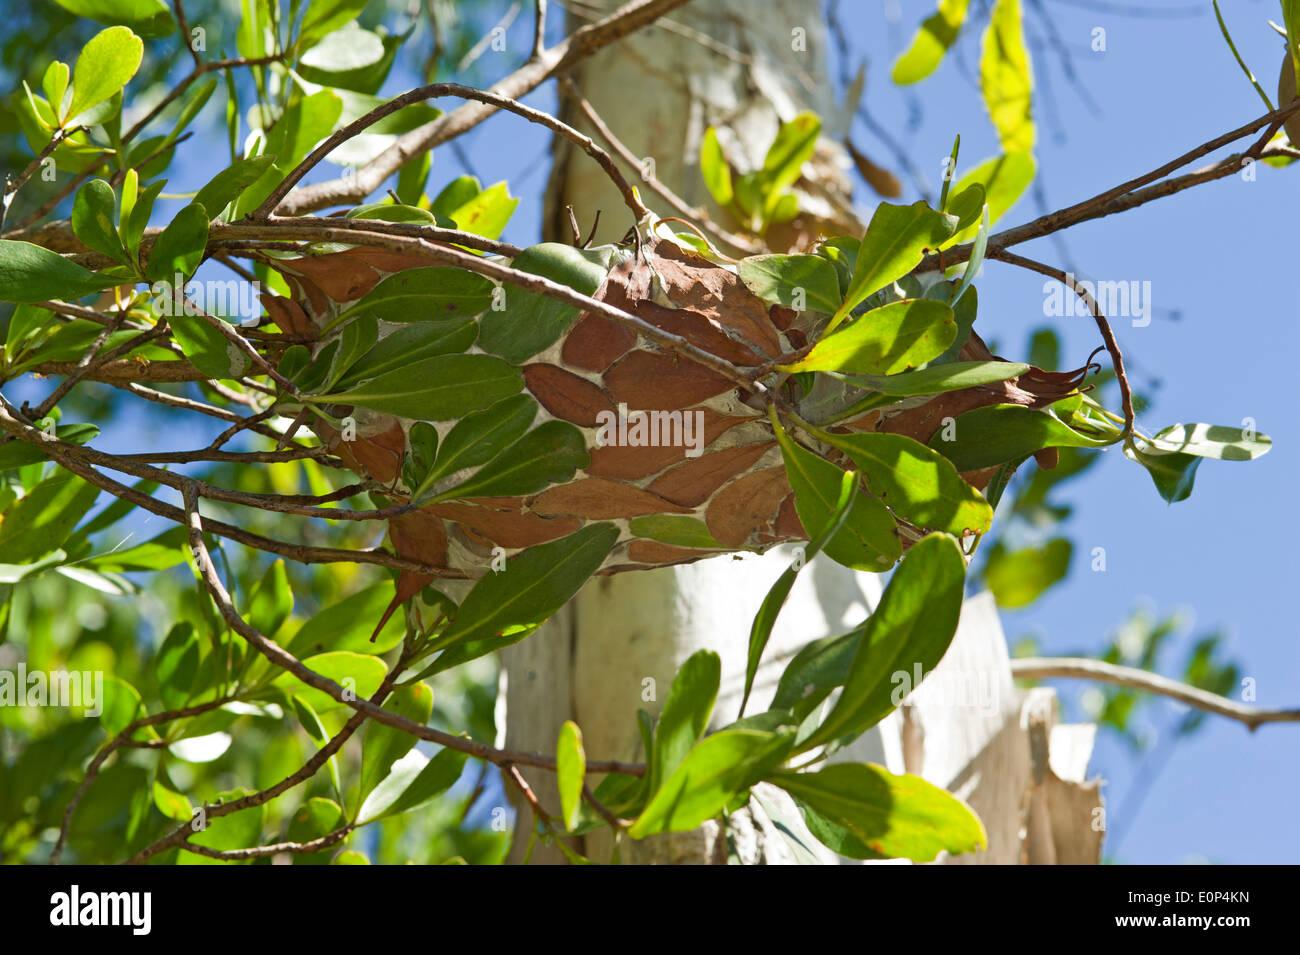 Grüner Baum Ameise Nest im Norden Australiens Stockbild